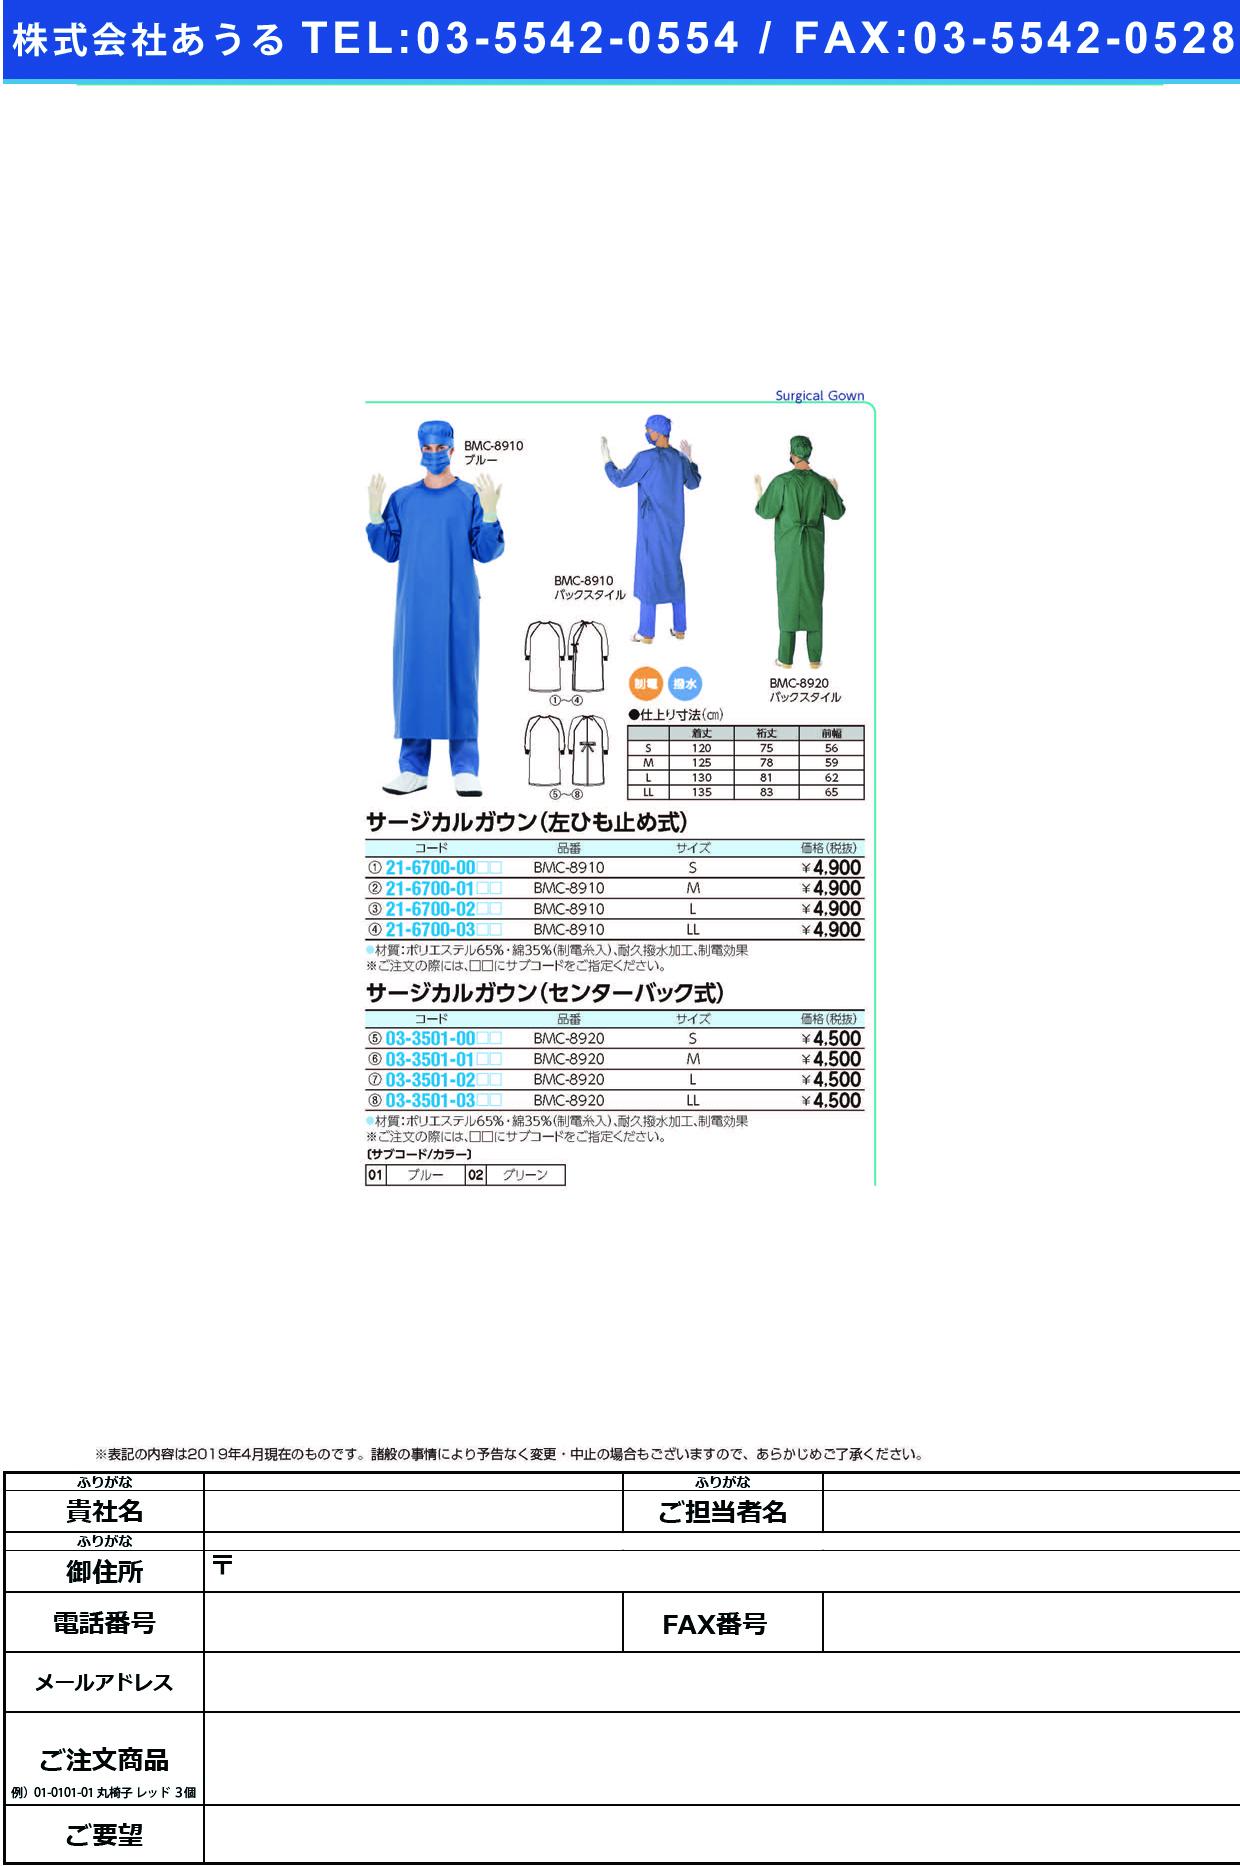 (03-3501-00)手術ガウン(センターバック式) BMC-8920(S) シュジュツガウン(センターバック) ブルー(ナガイレーベン)【1枚単位】【2019年カタログ商品】